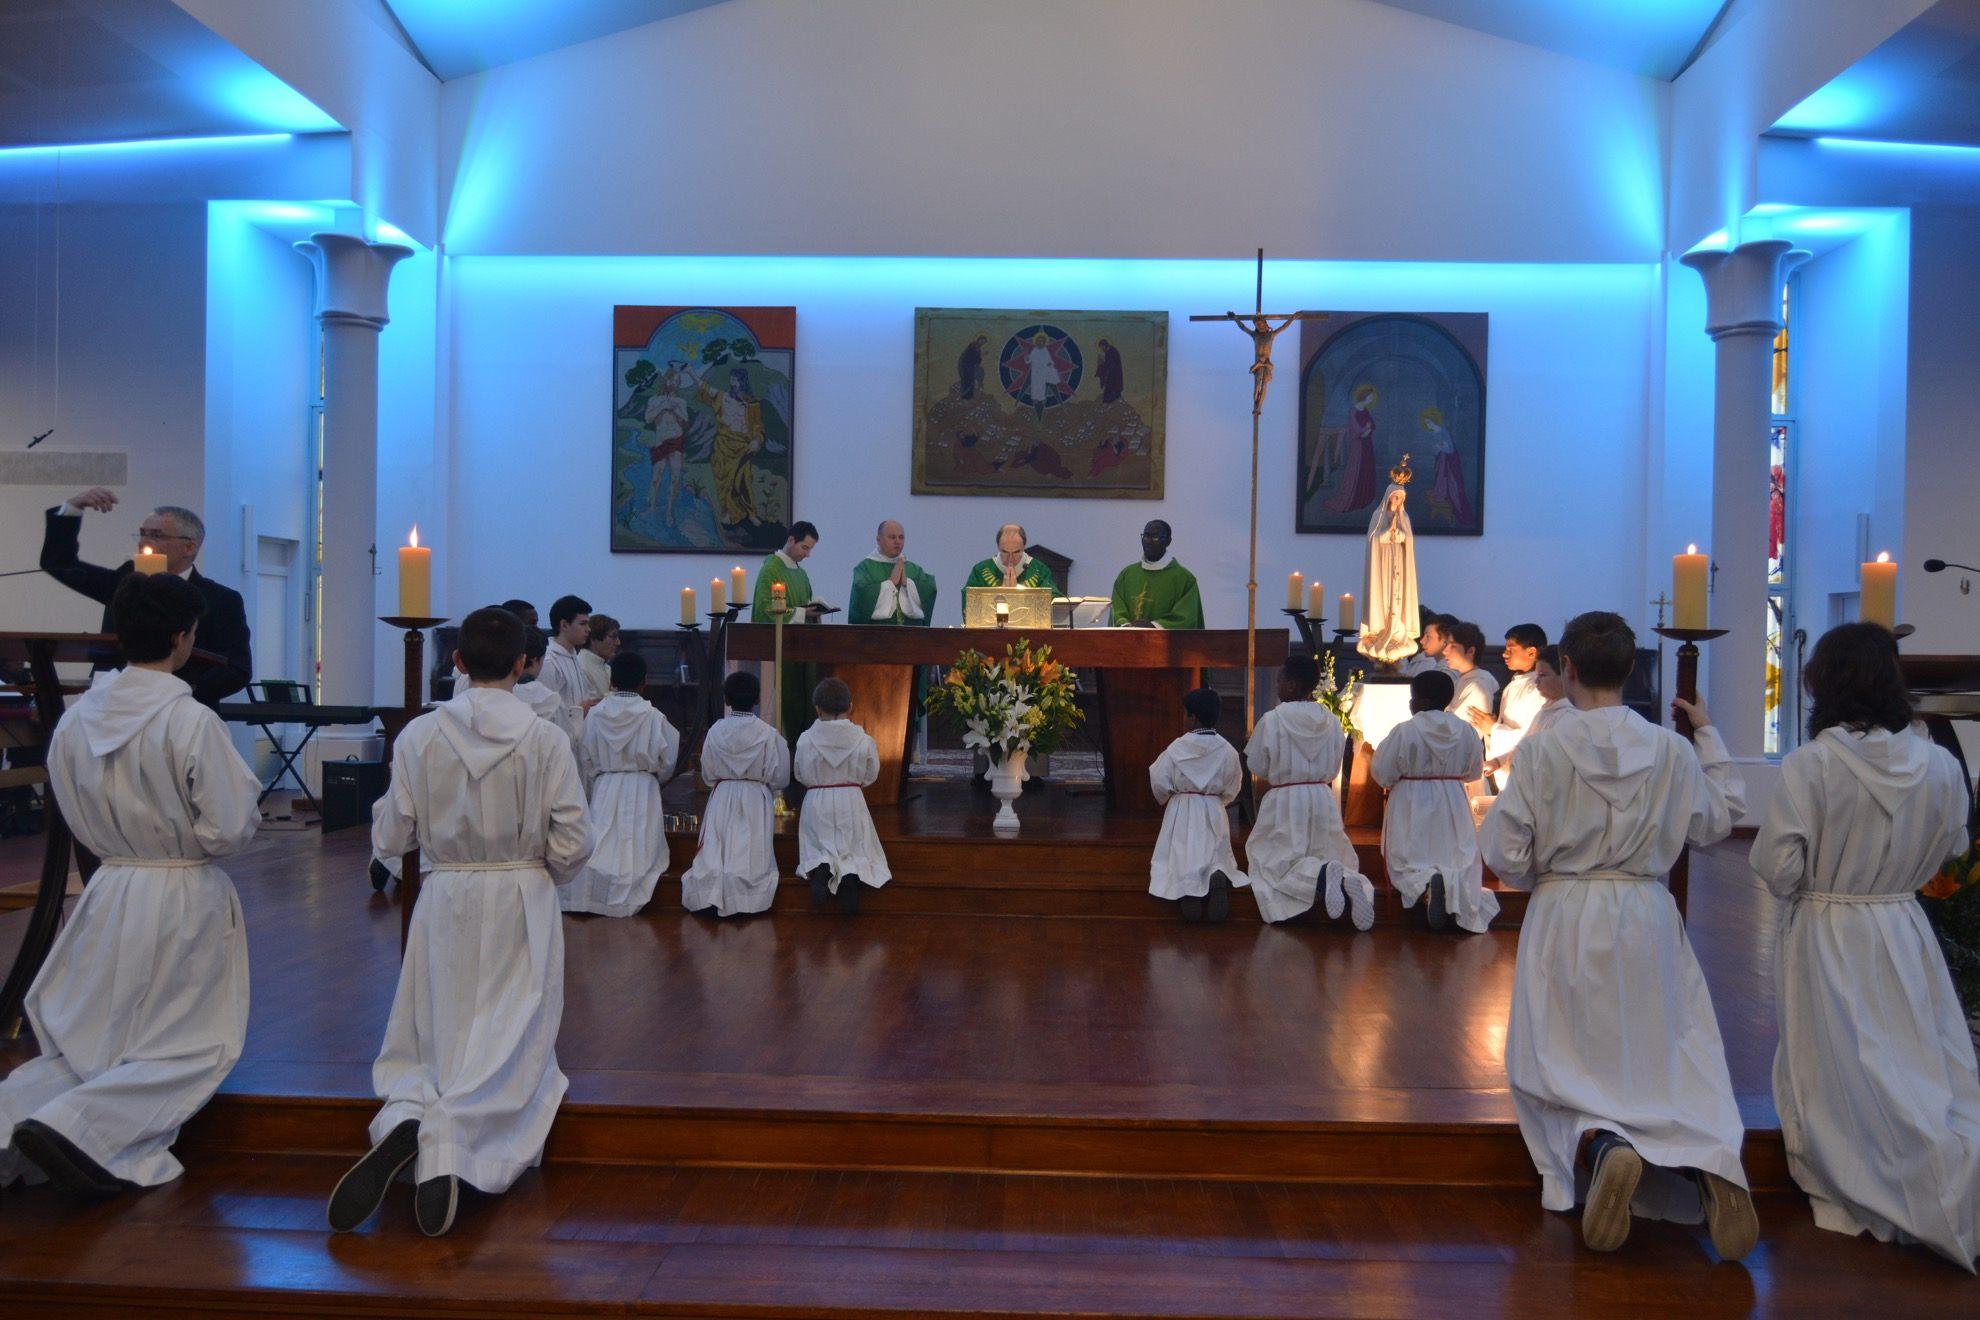 Inauguration de l'église de la Sainte-Trinité à Mermoz